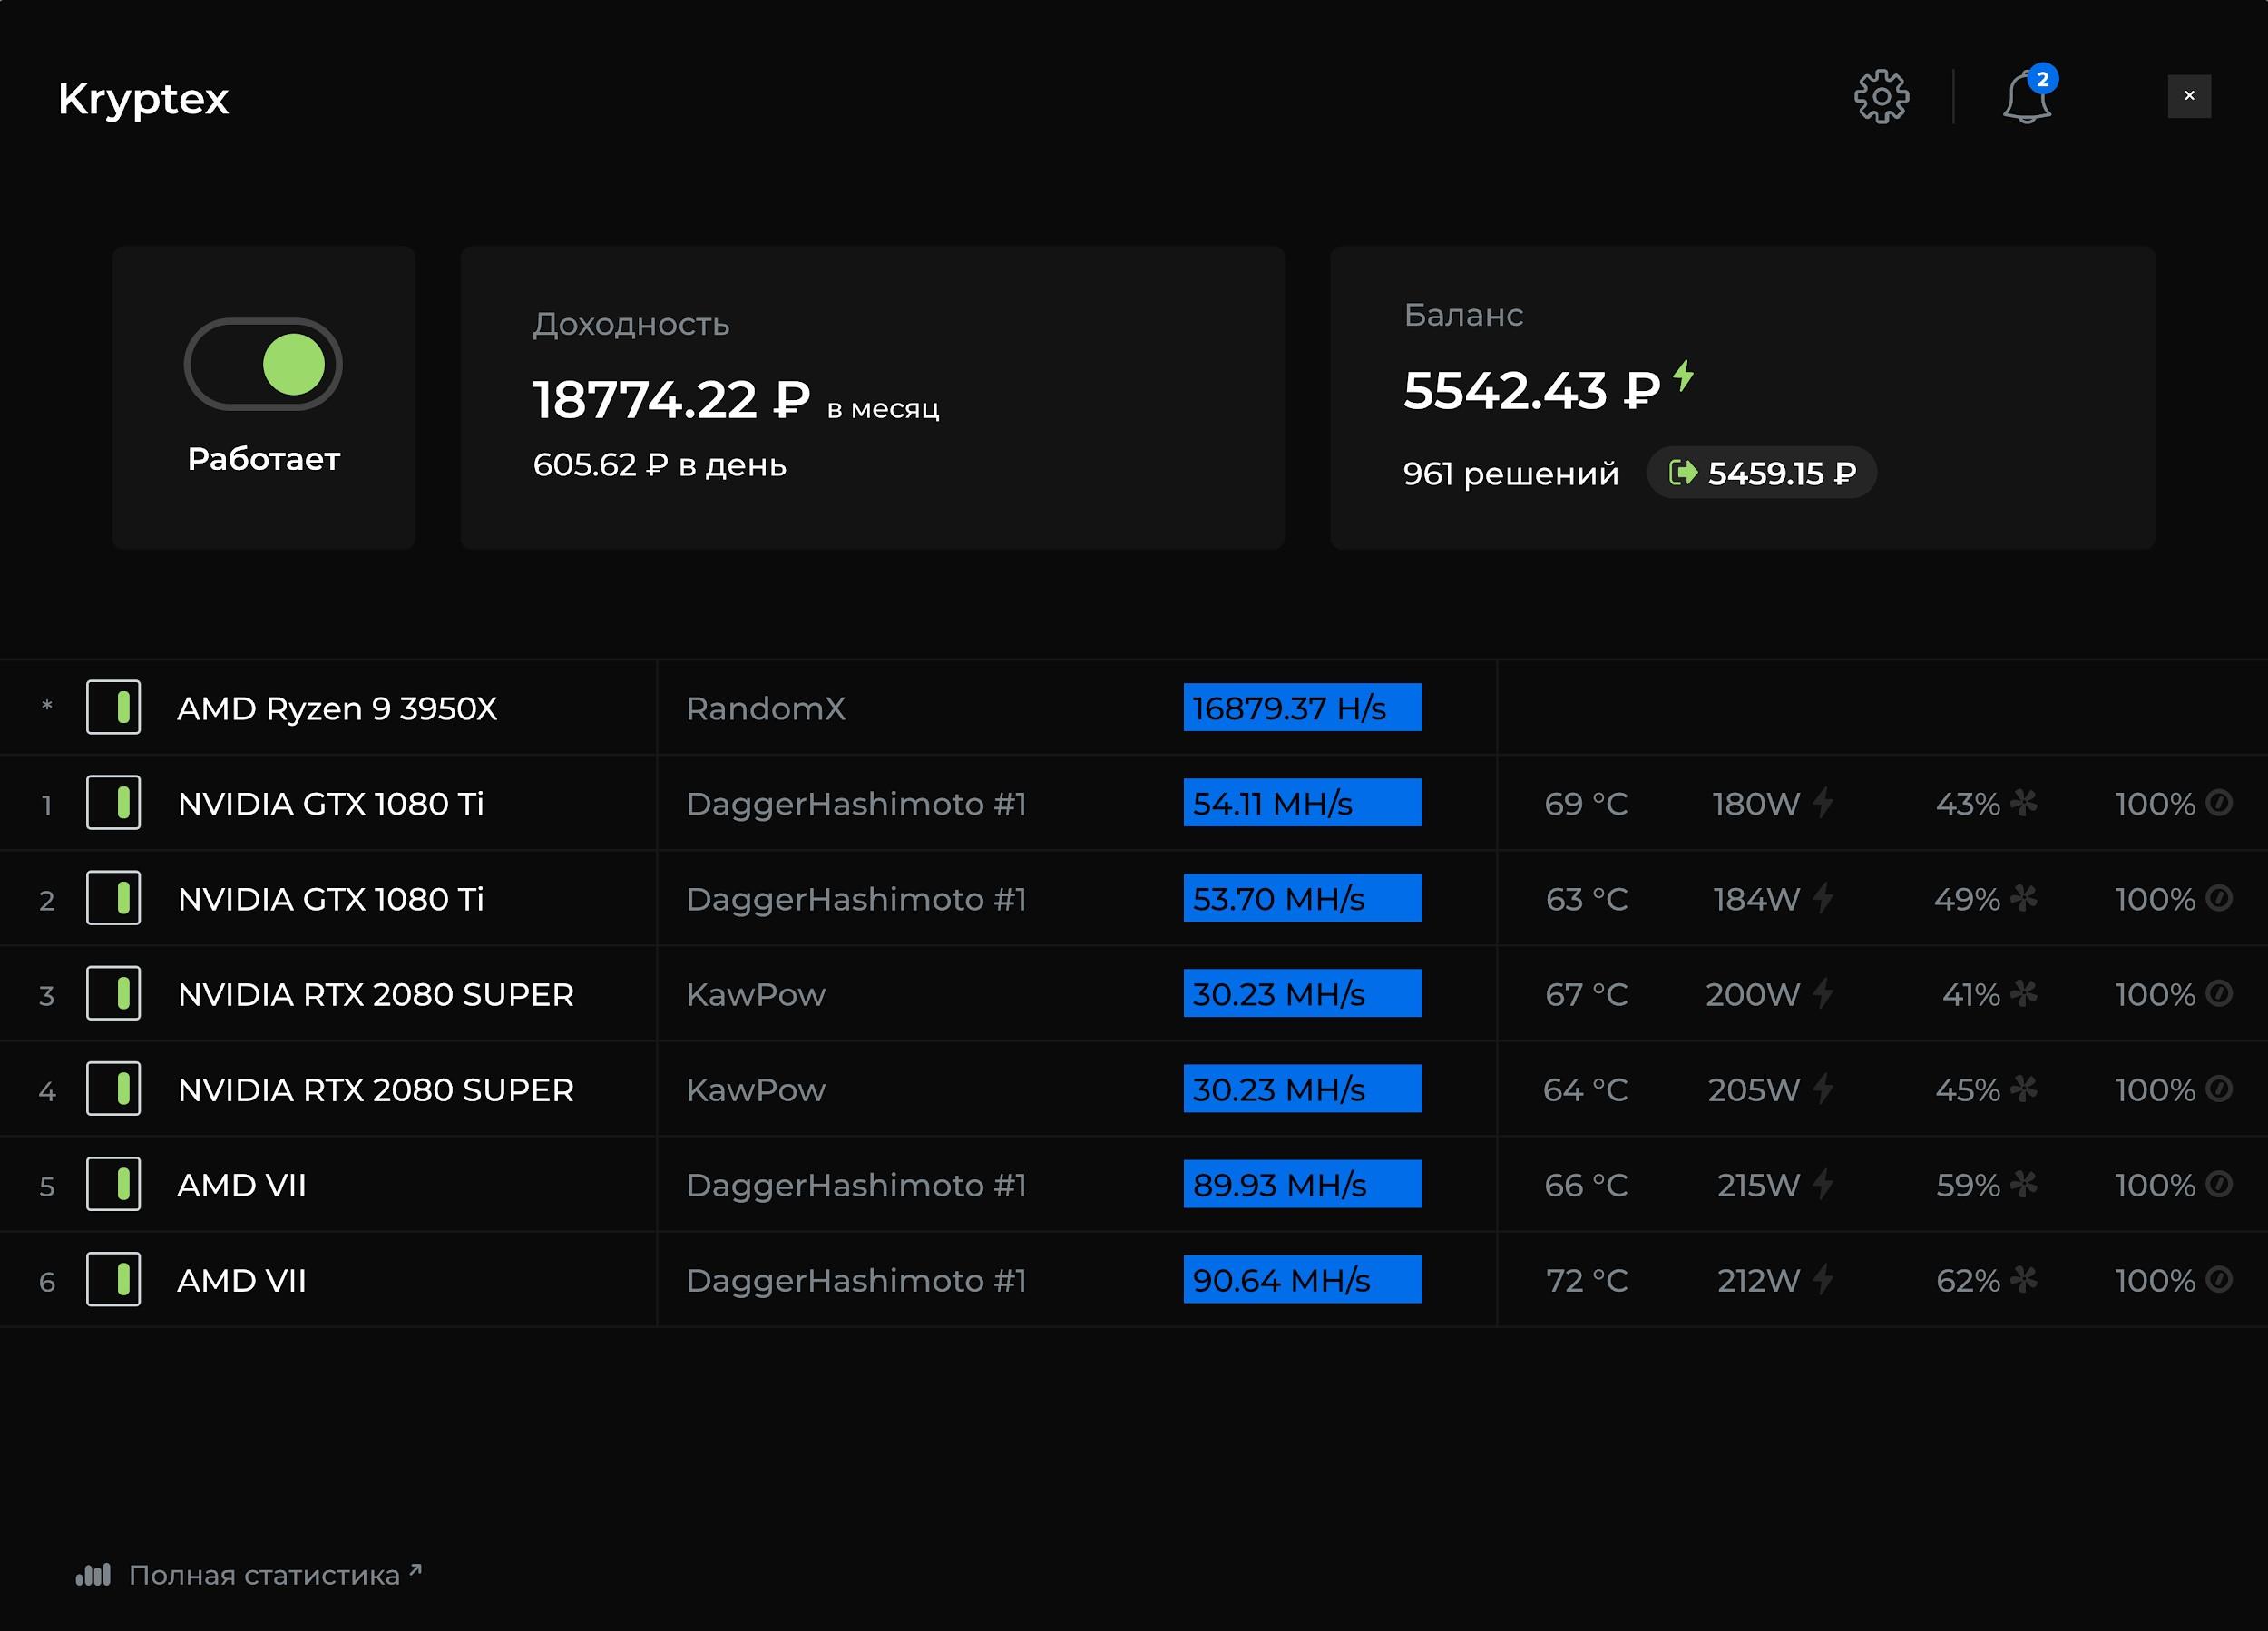 Скрин интерфейса сайта Криптекс